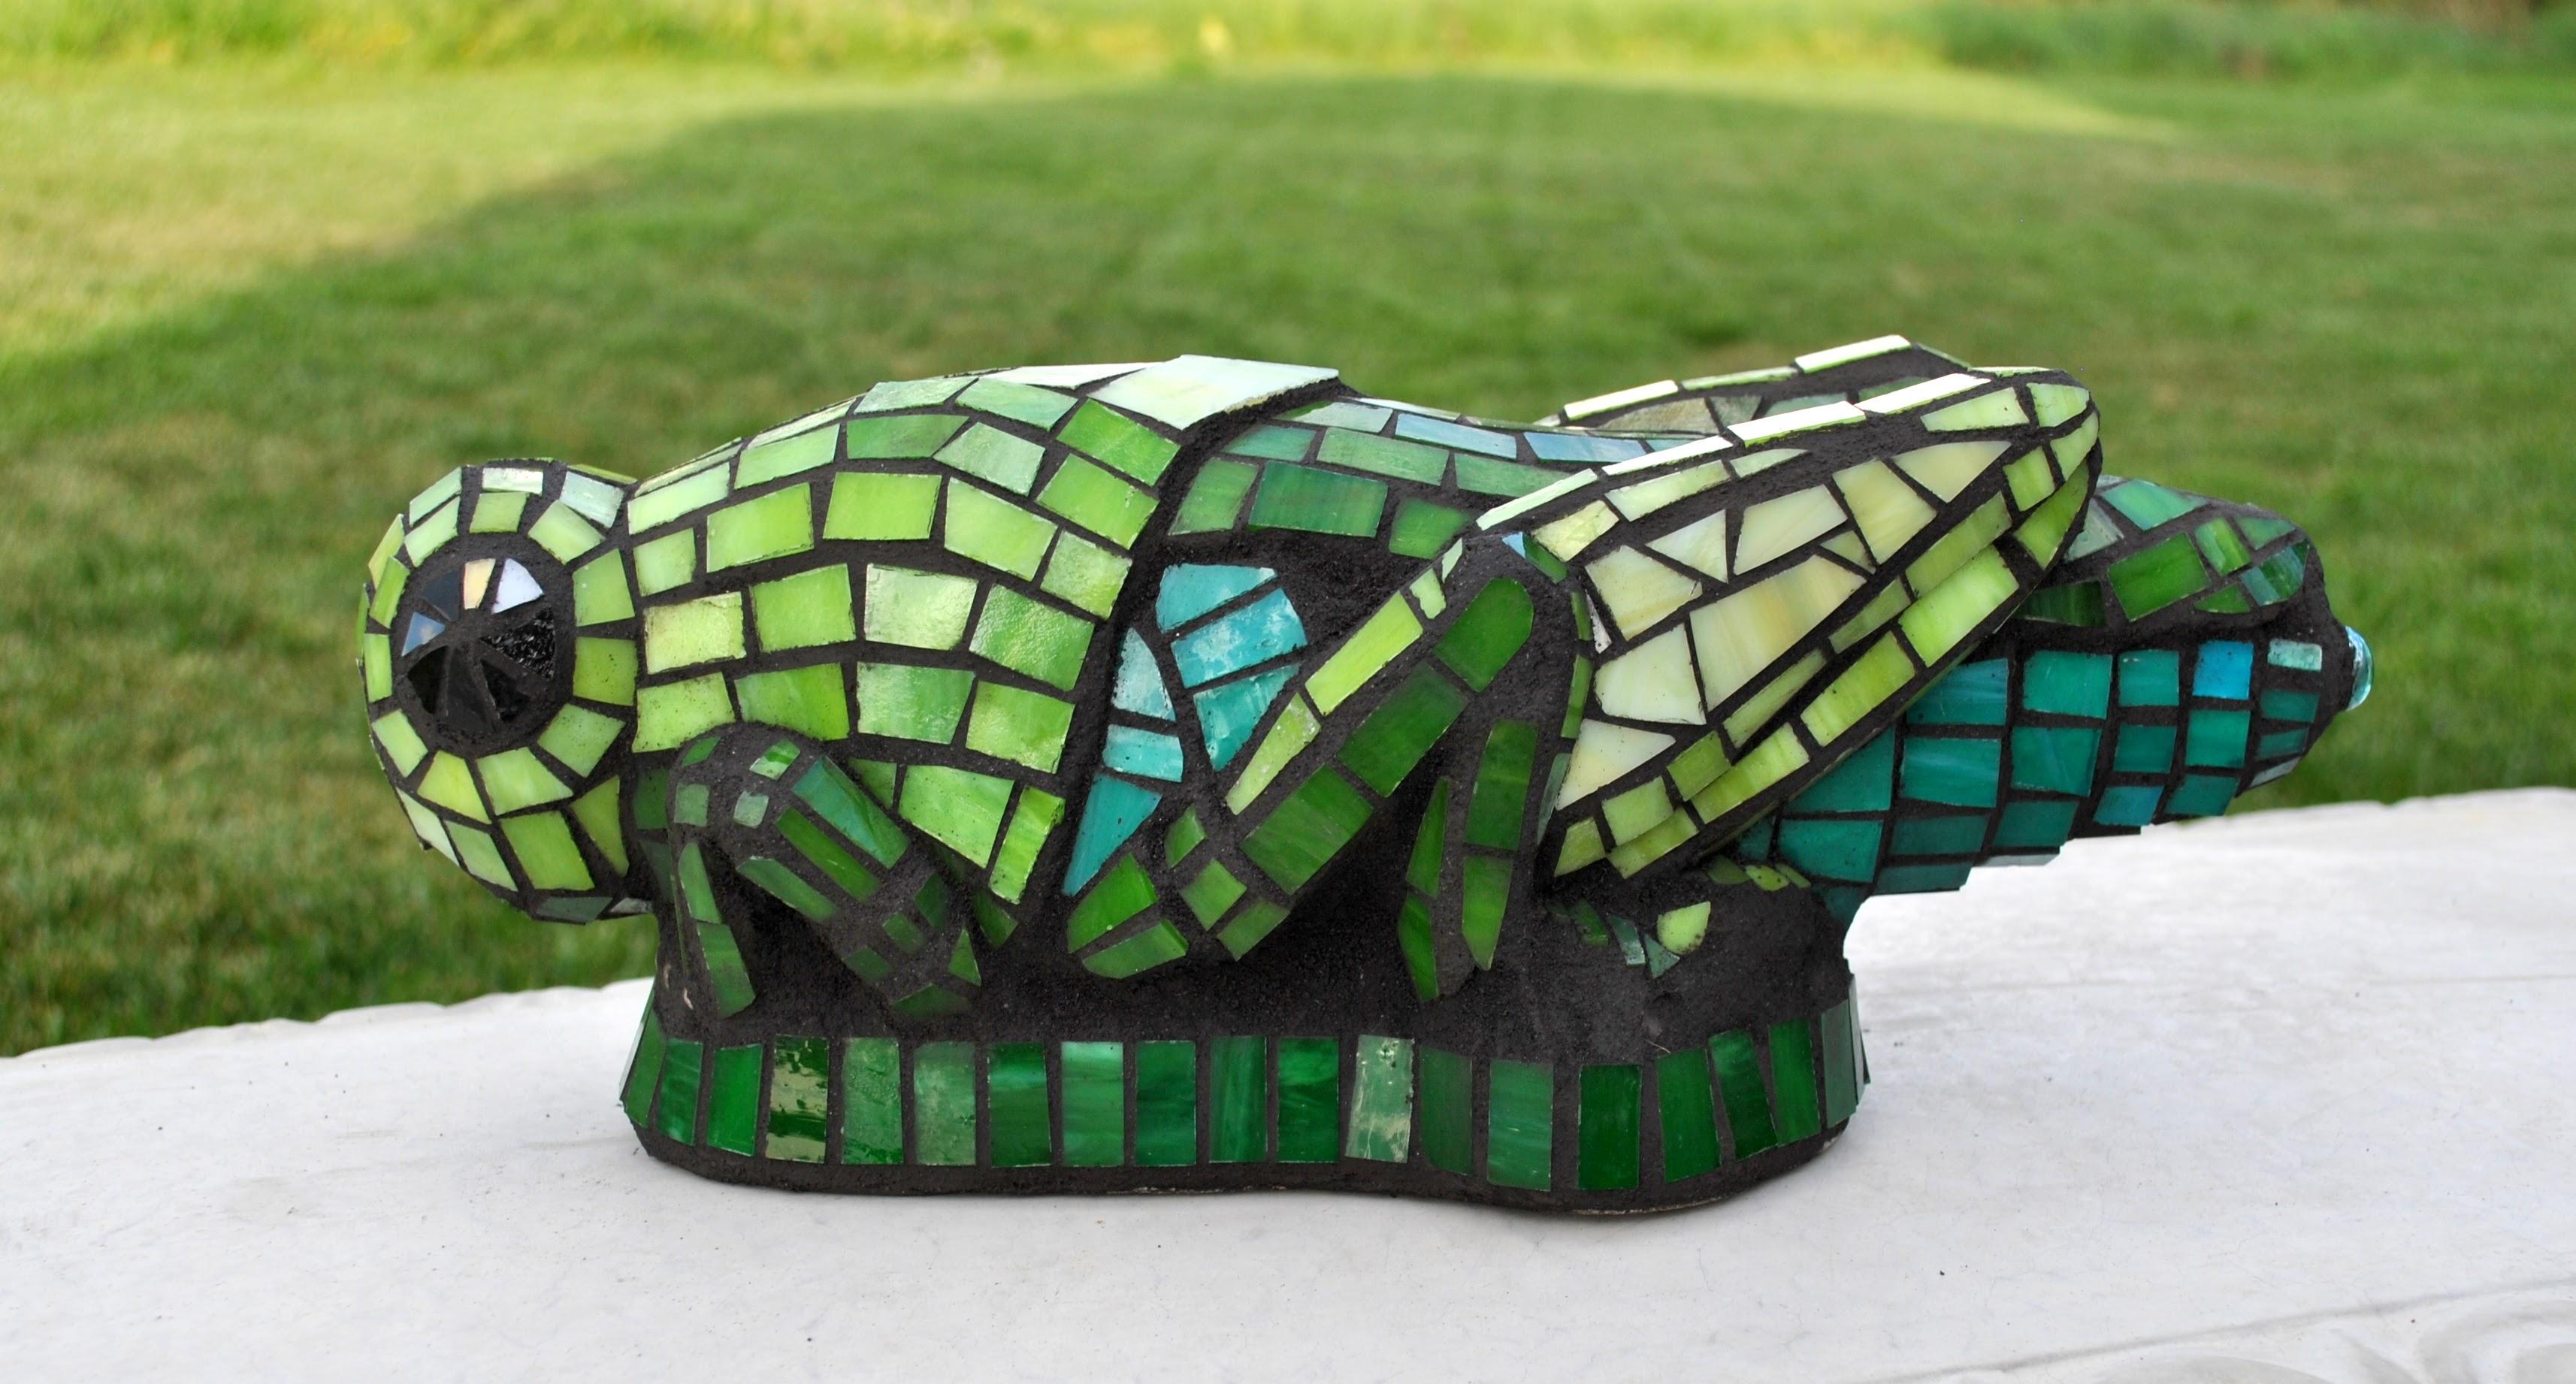 Mosaic Ladybugs & Grasshoppers